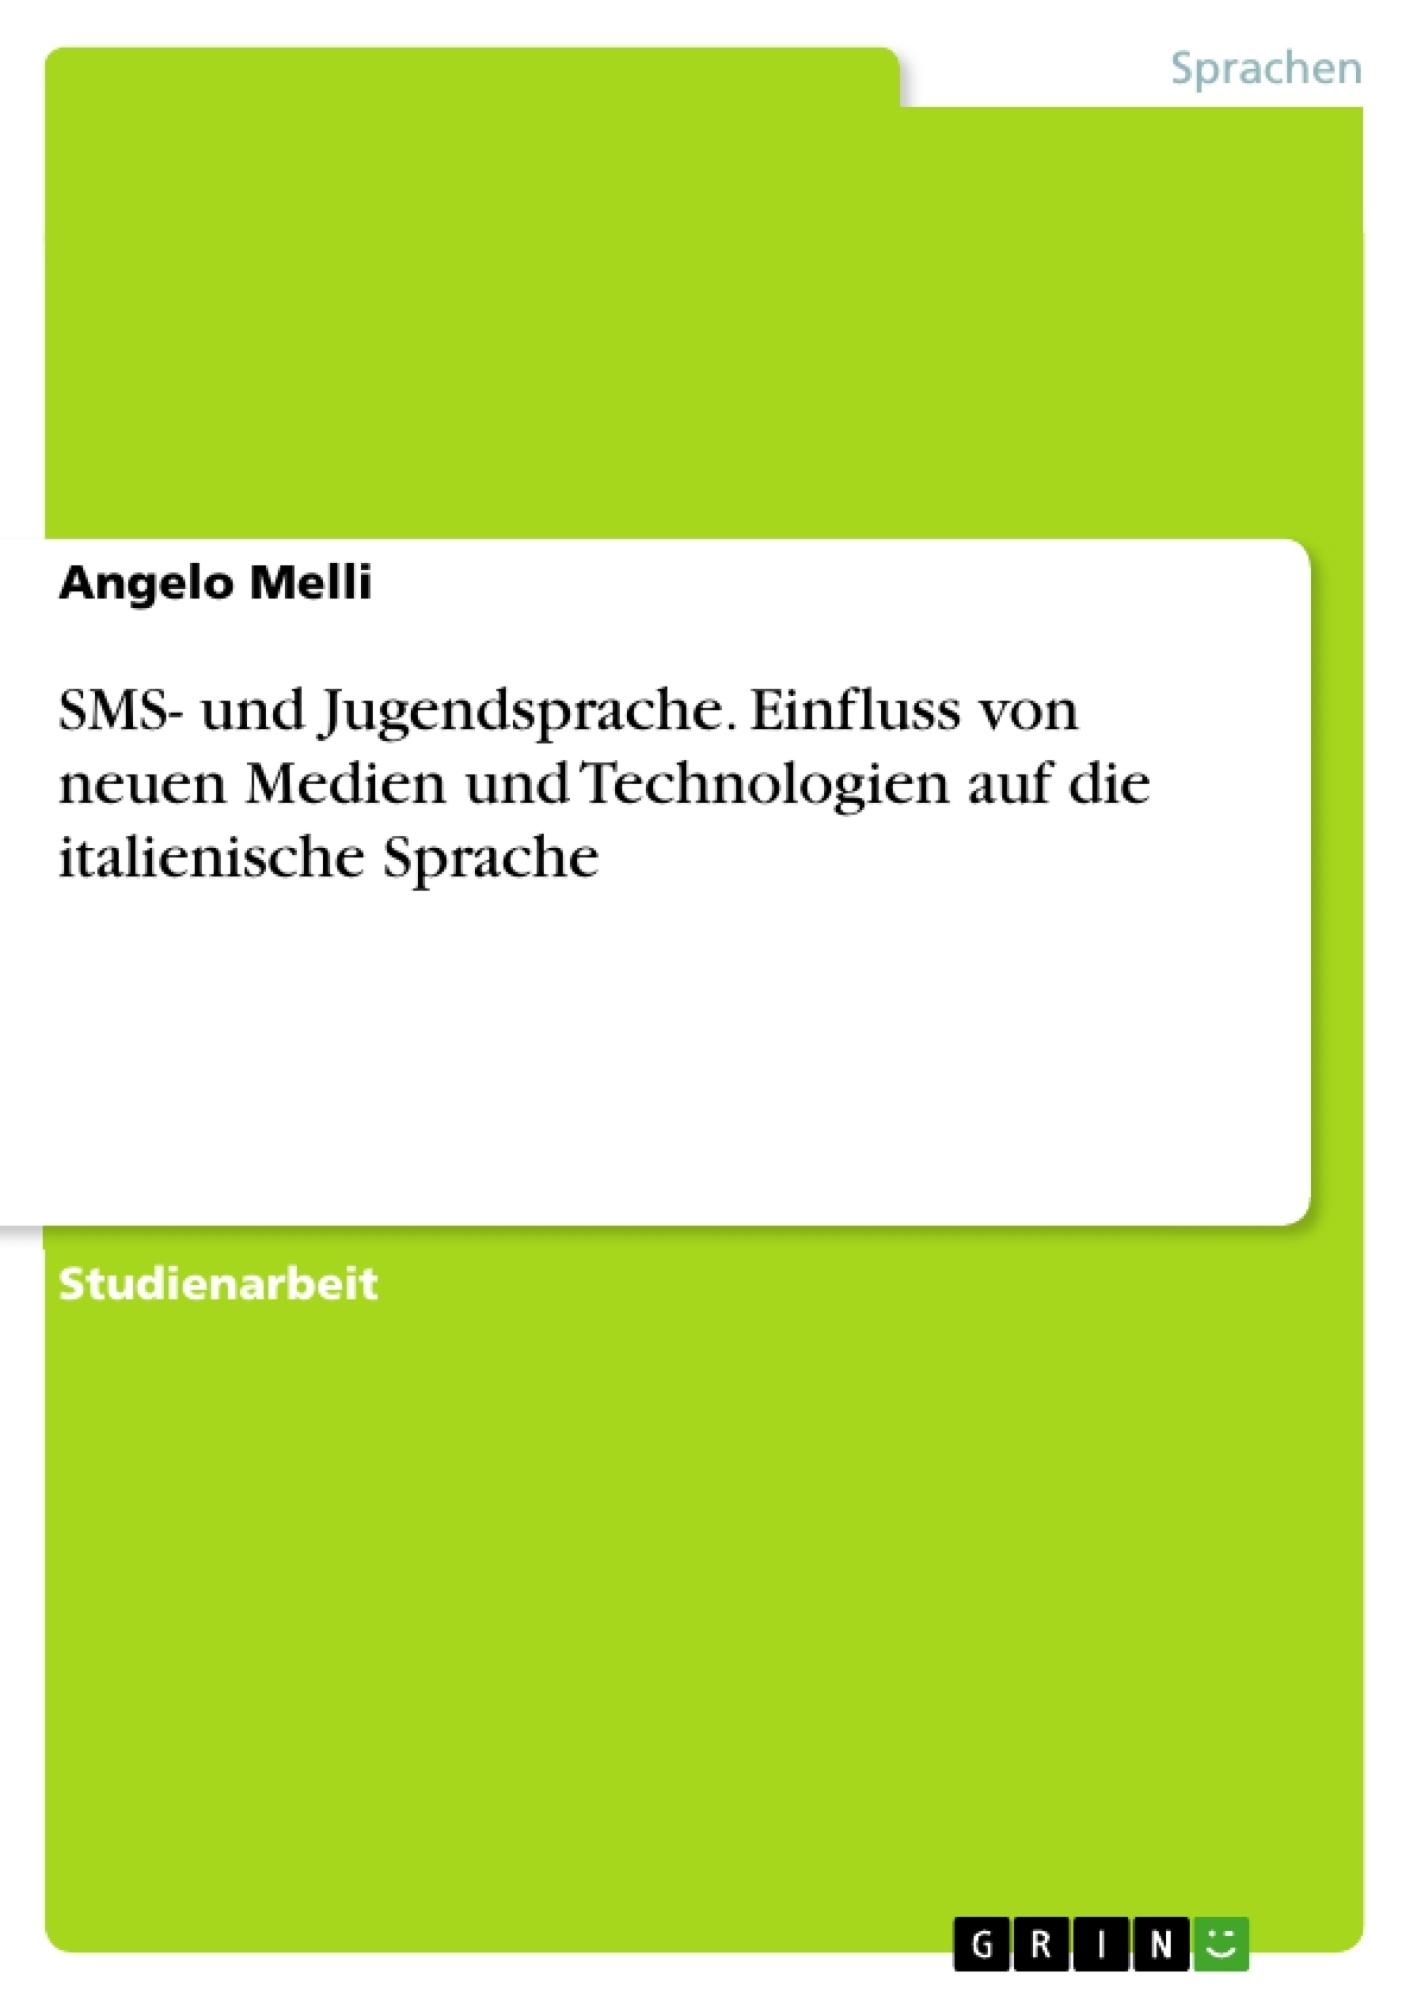 SMS- und Jugendsprache. Einfluss von neuen Medien und Technologien ...